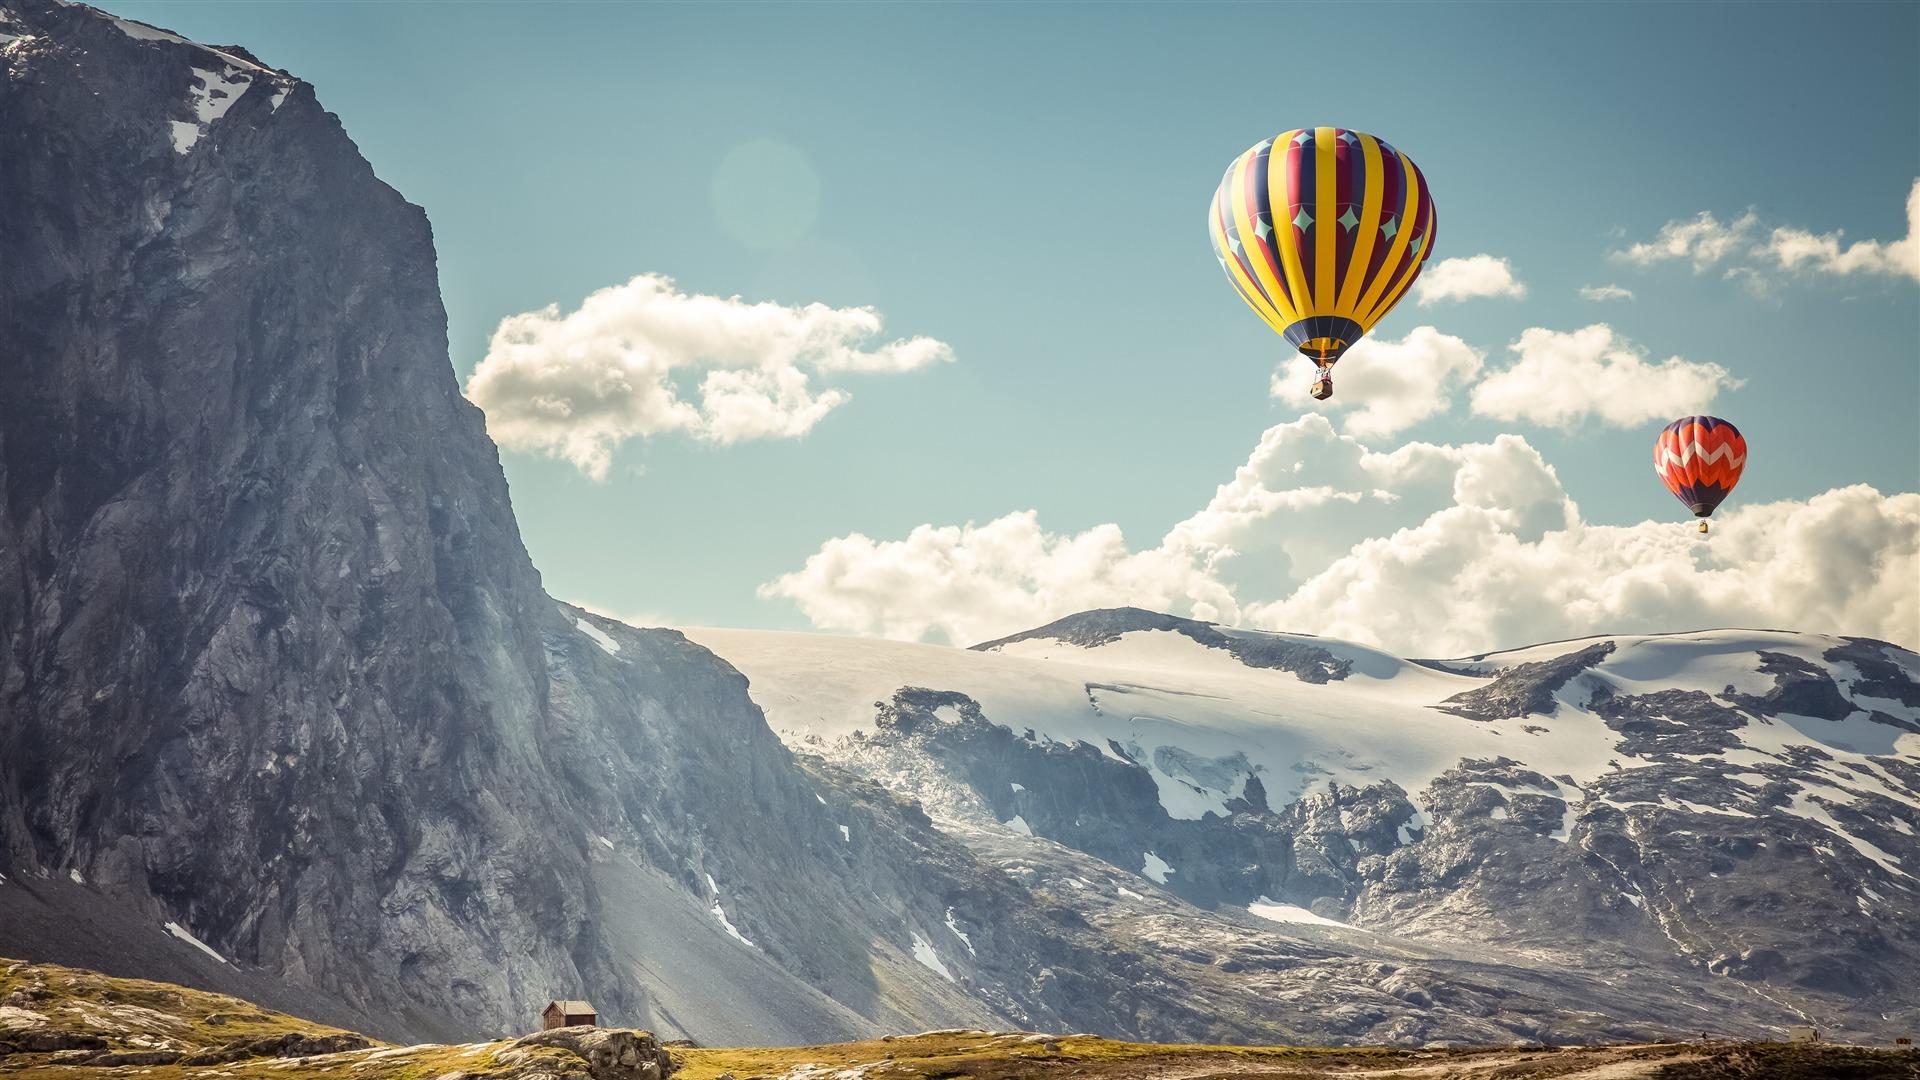 冰岛,雪,山,热气球,4k,高清,桌面预览 10wallpaper Com